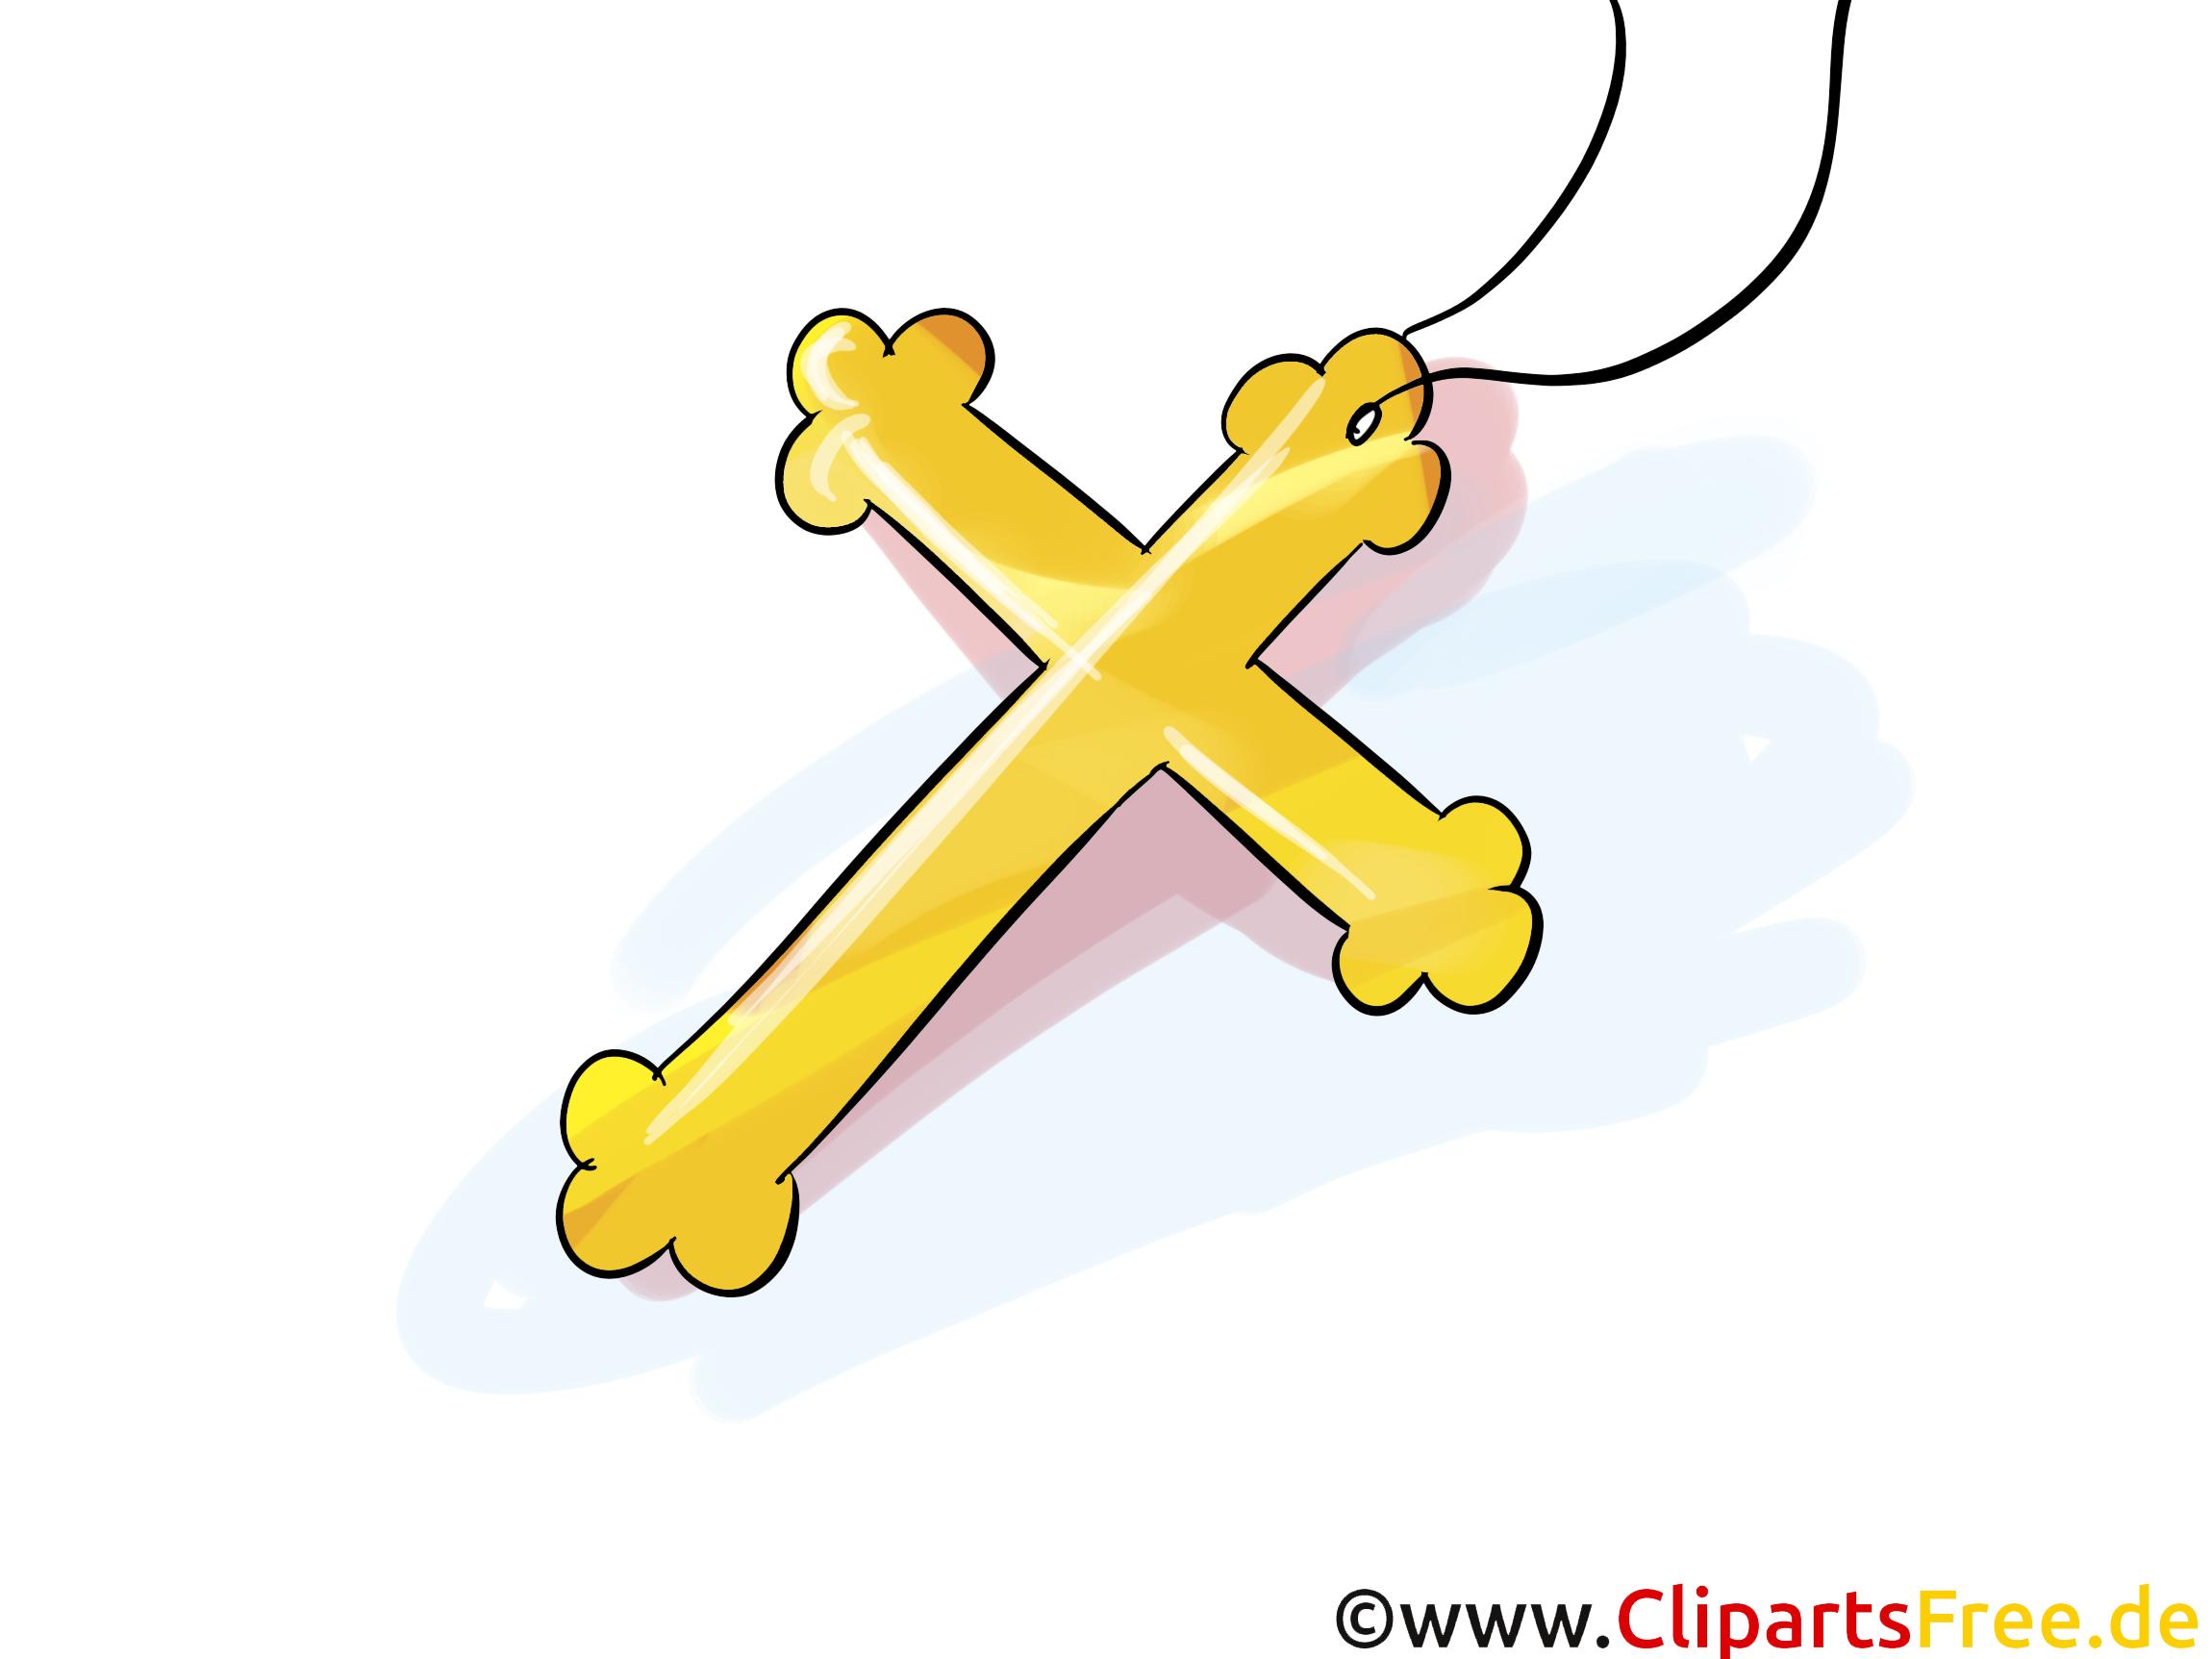 Kreuz clipart #3, Download drawings